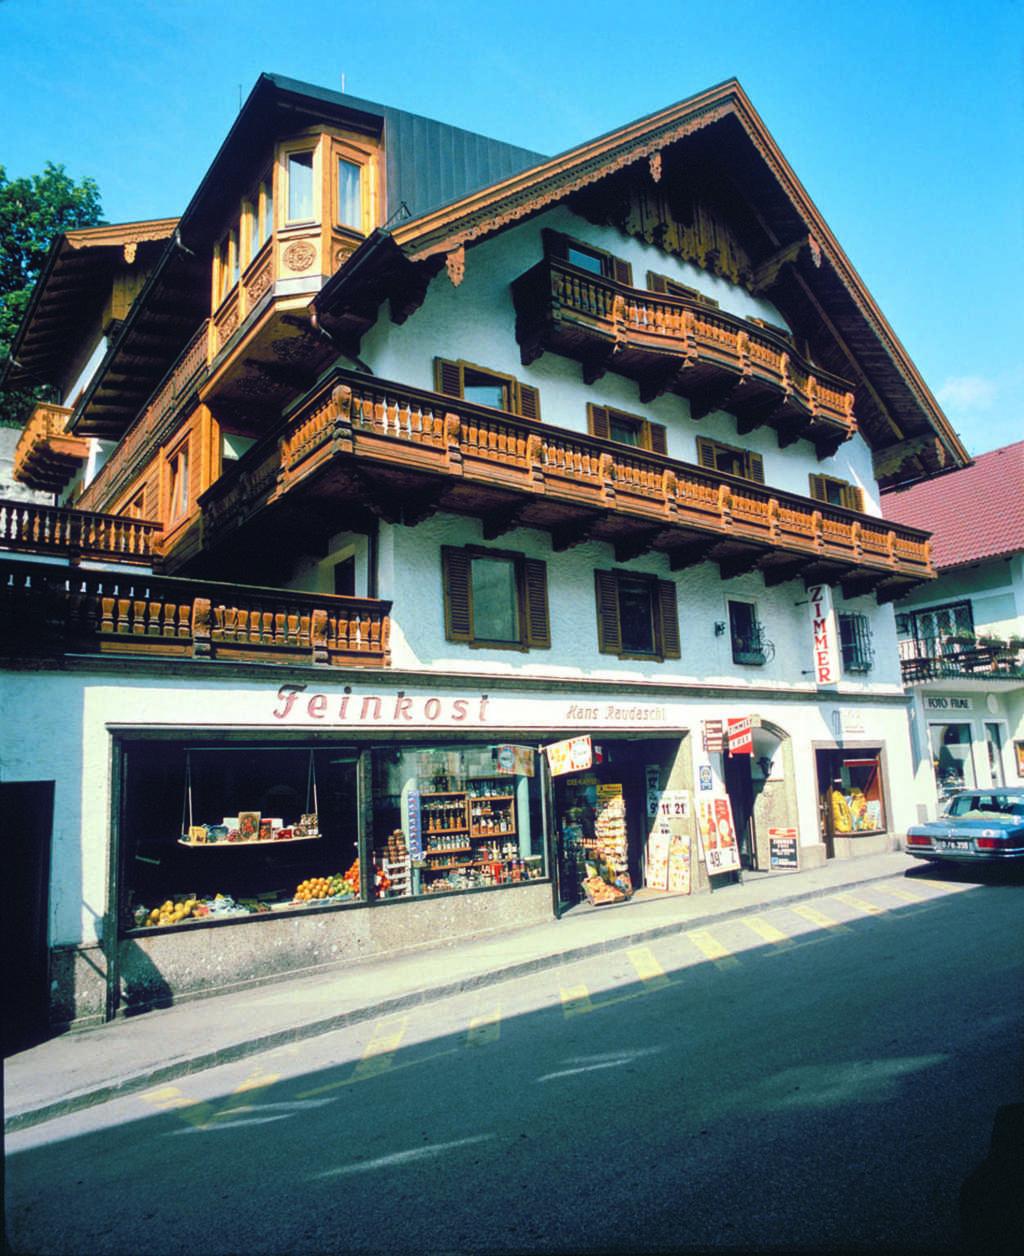 Apparthotel St. Wolfgang, Ferienwohnung 6